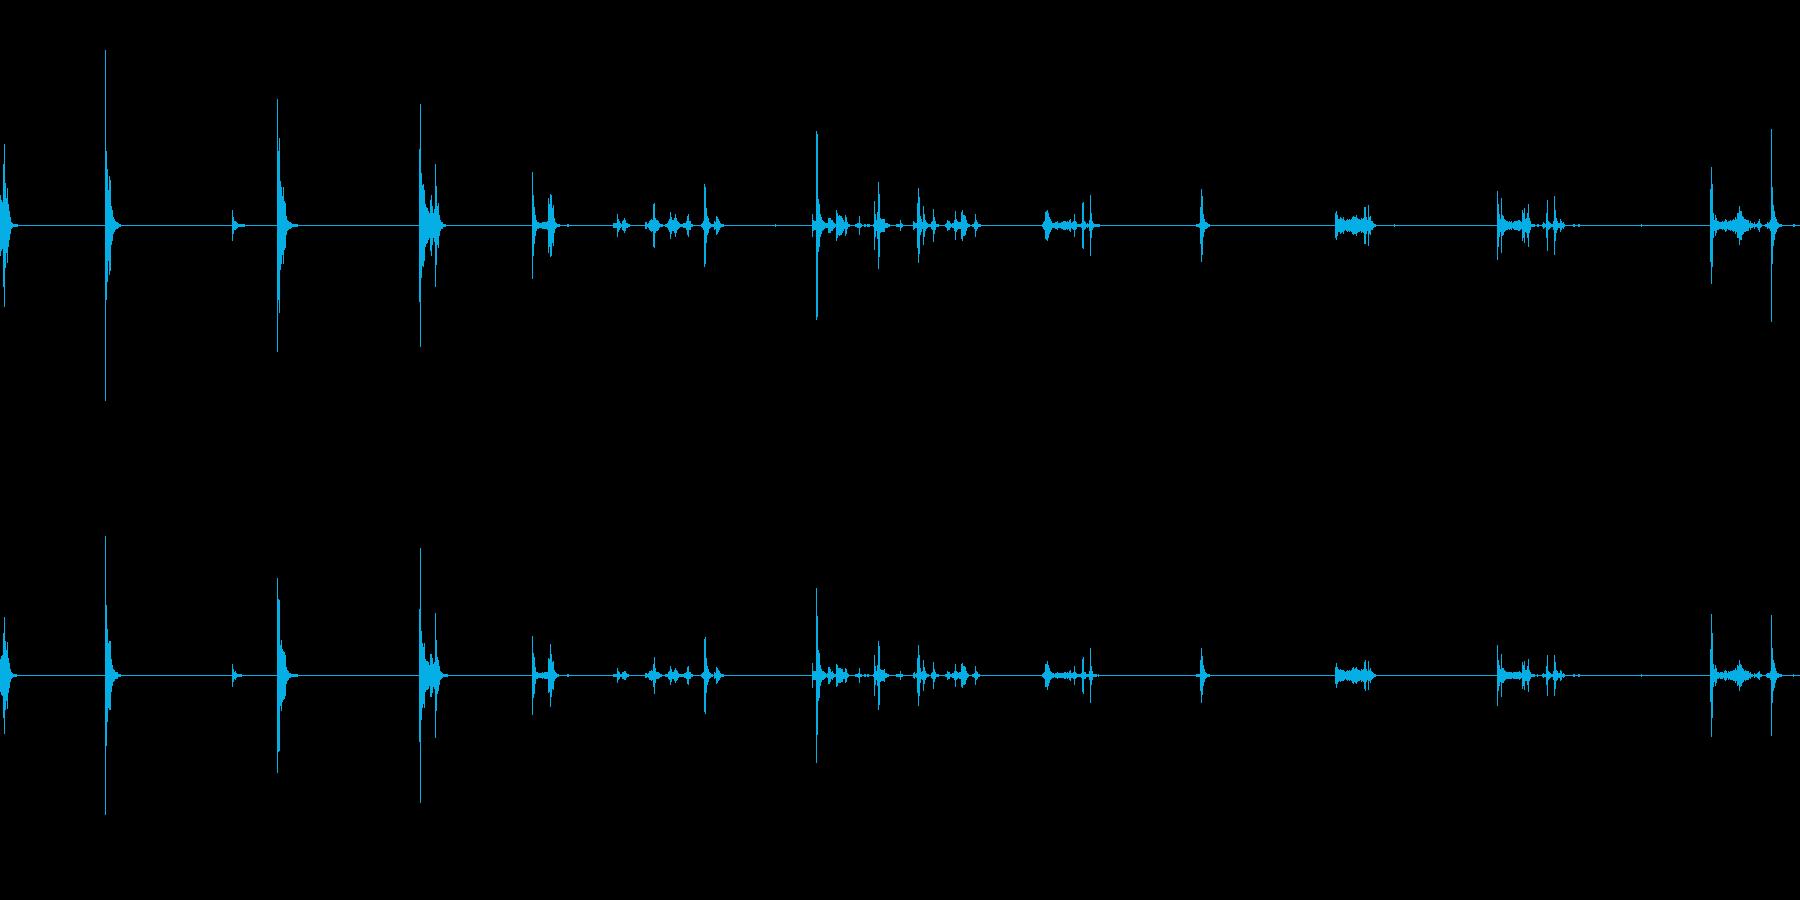 ケトル、ポット、蓋、オン、オフ、キ...の再生済みの波形